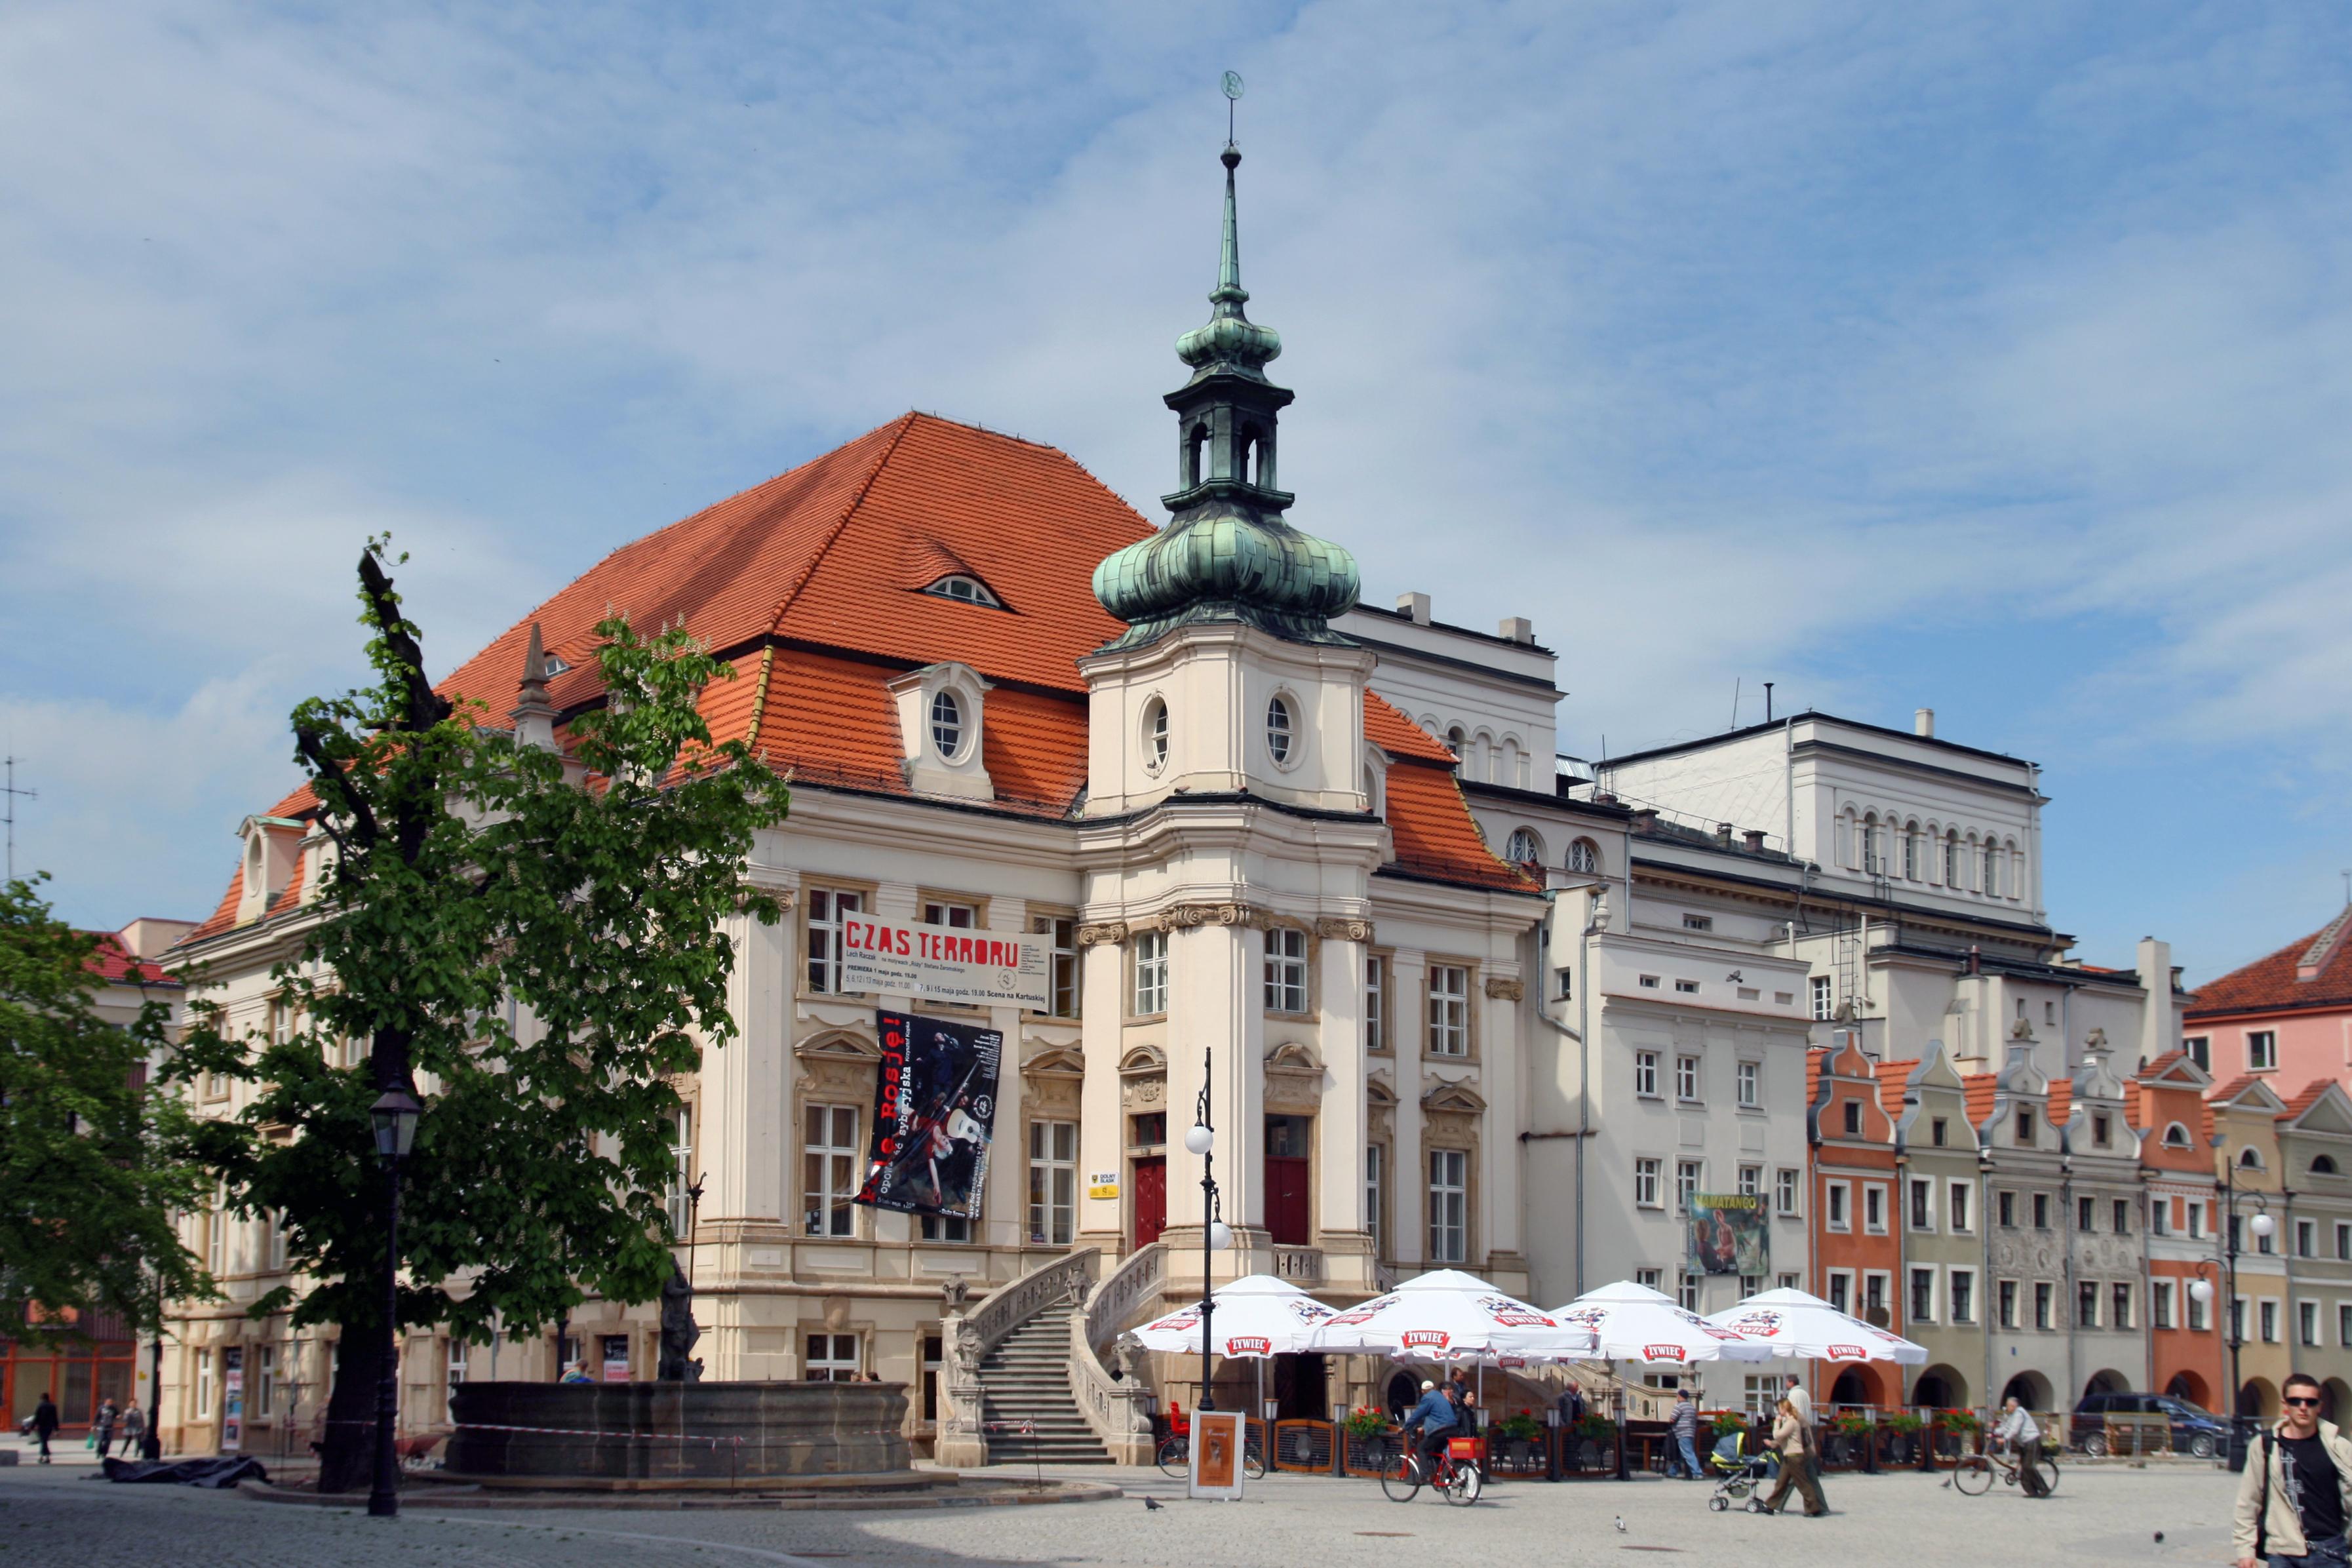 chat online polska Opole